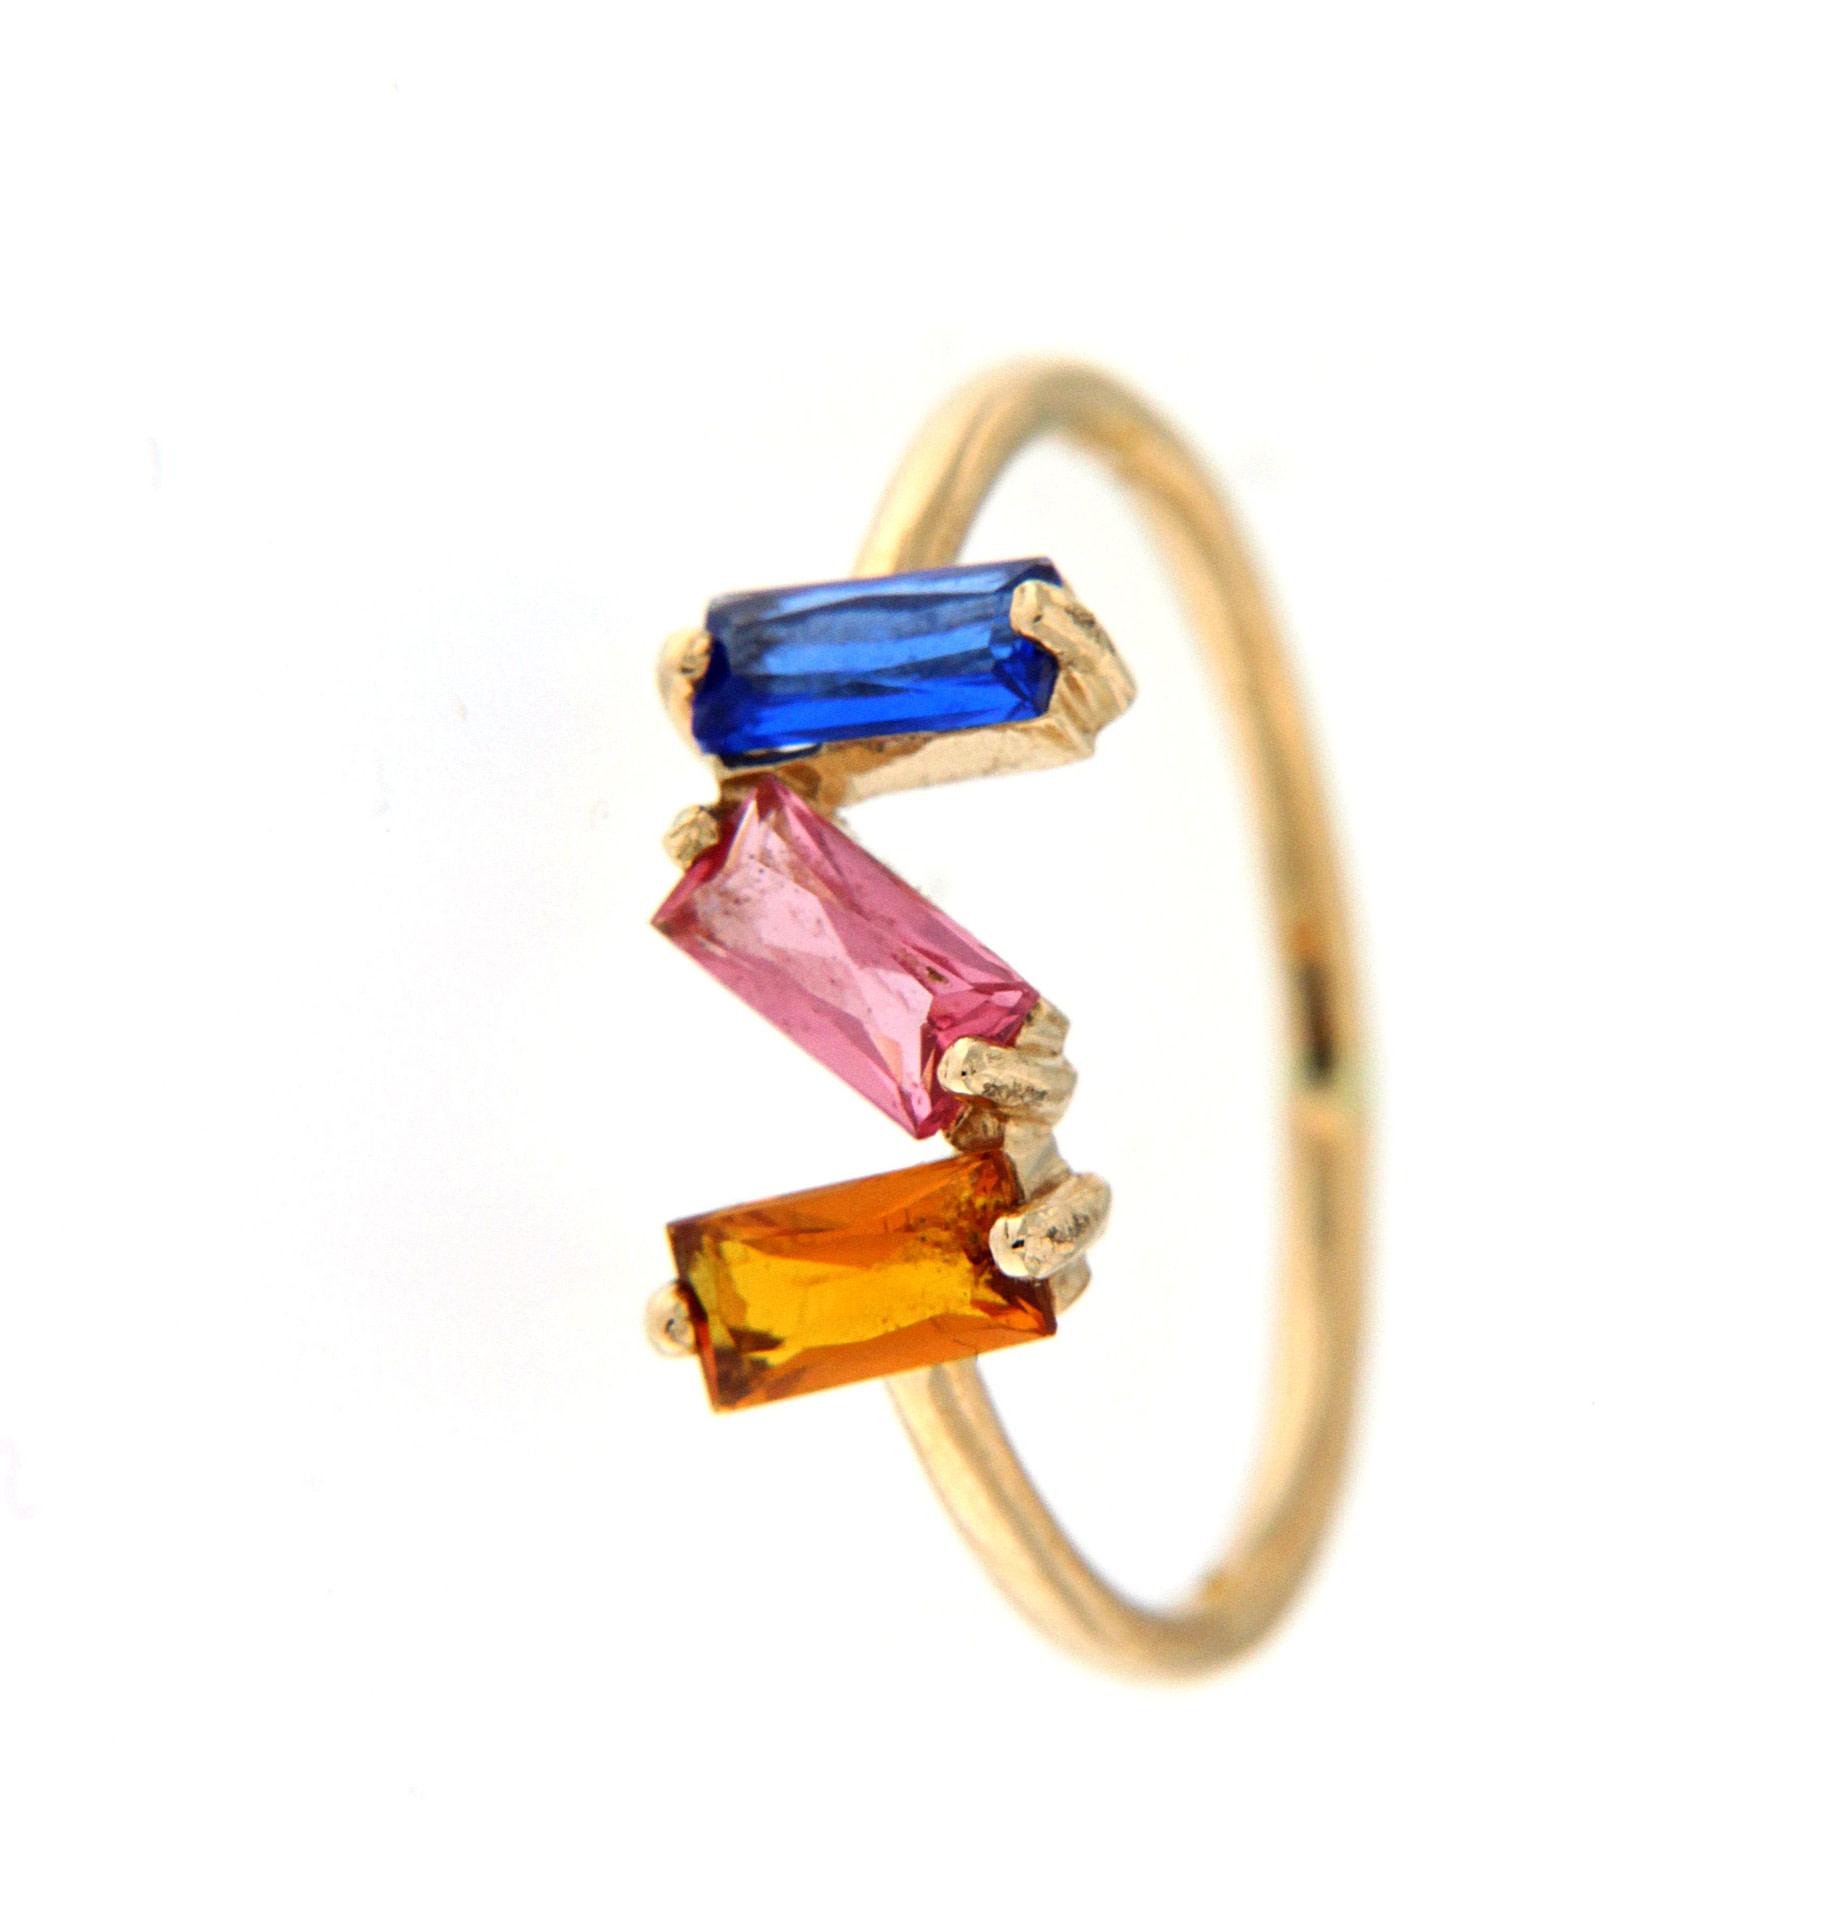 anillos tutifruti 2